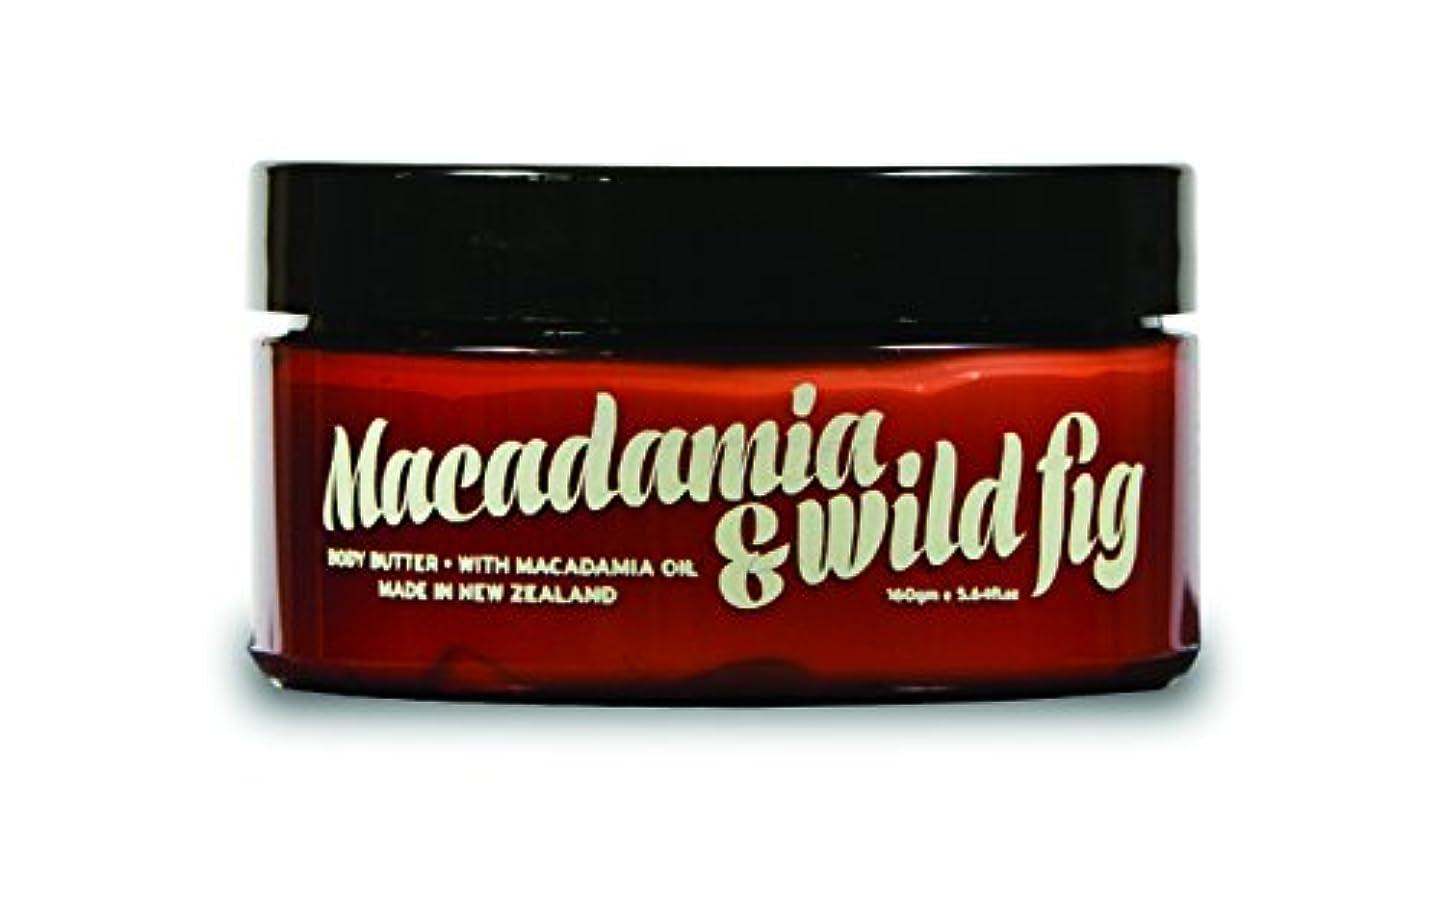 アリス穏やかな工場MATAKANA BOTANICALS(マタカナボタニカル) マカダミア&フィグ ボディバター